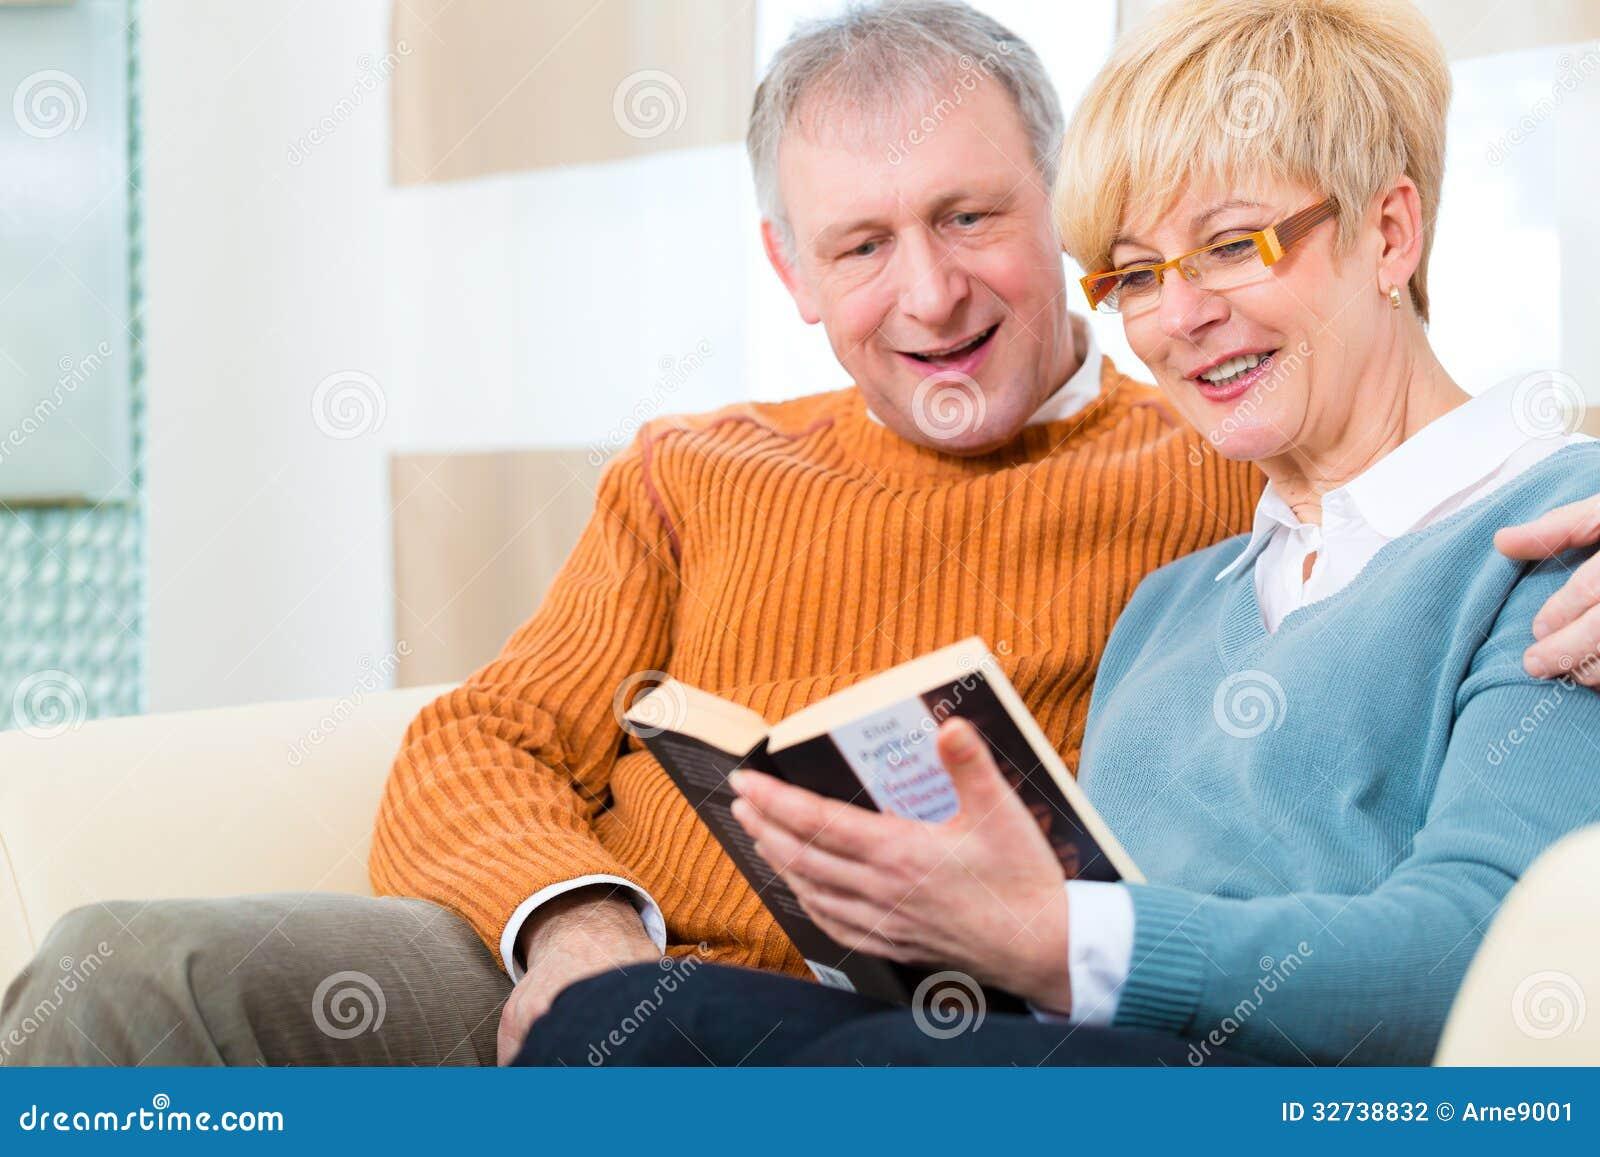 Games for Senior Citizens